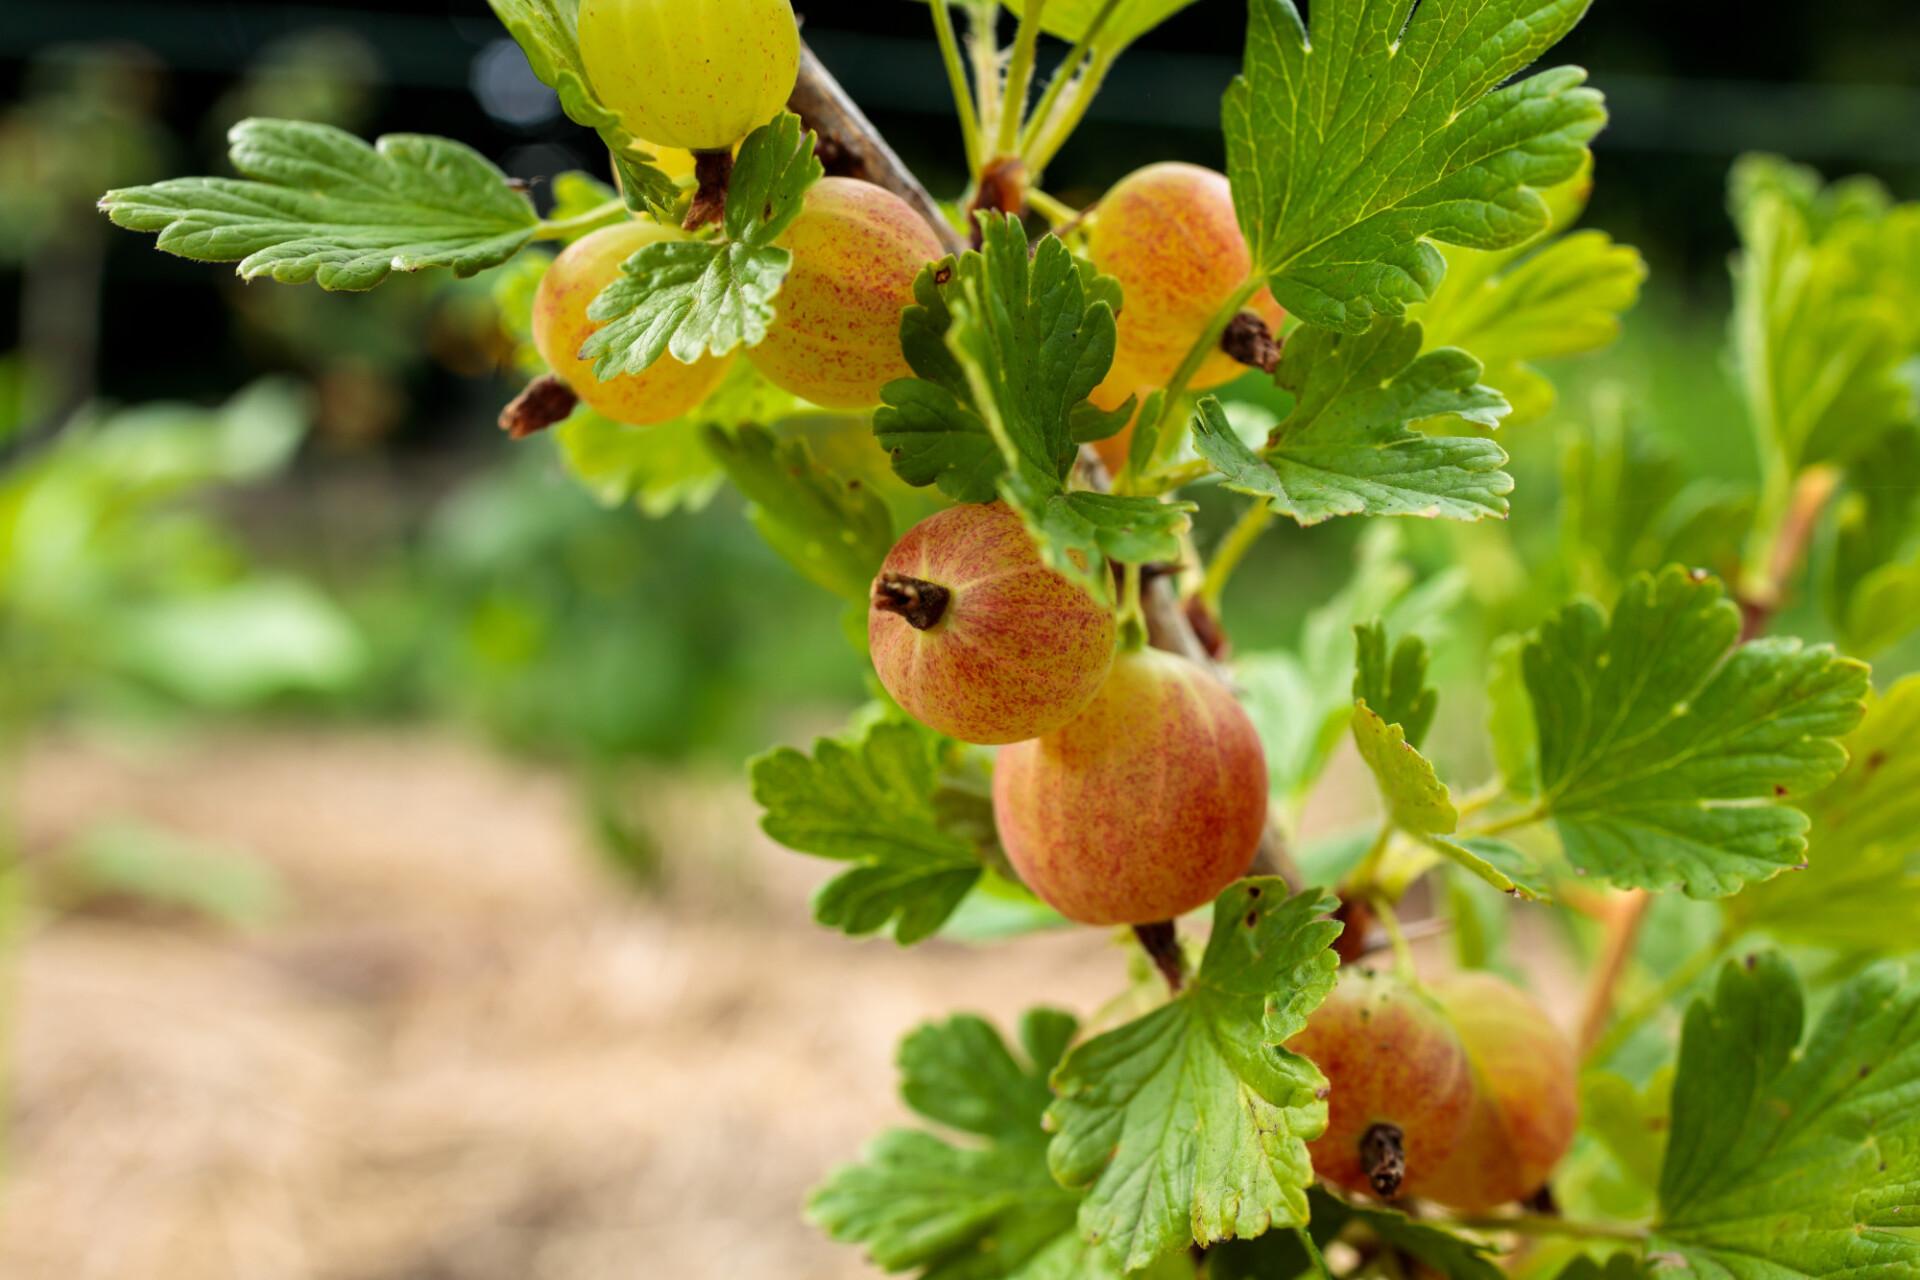 Gooseberries ripen in the summer sun